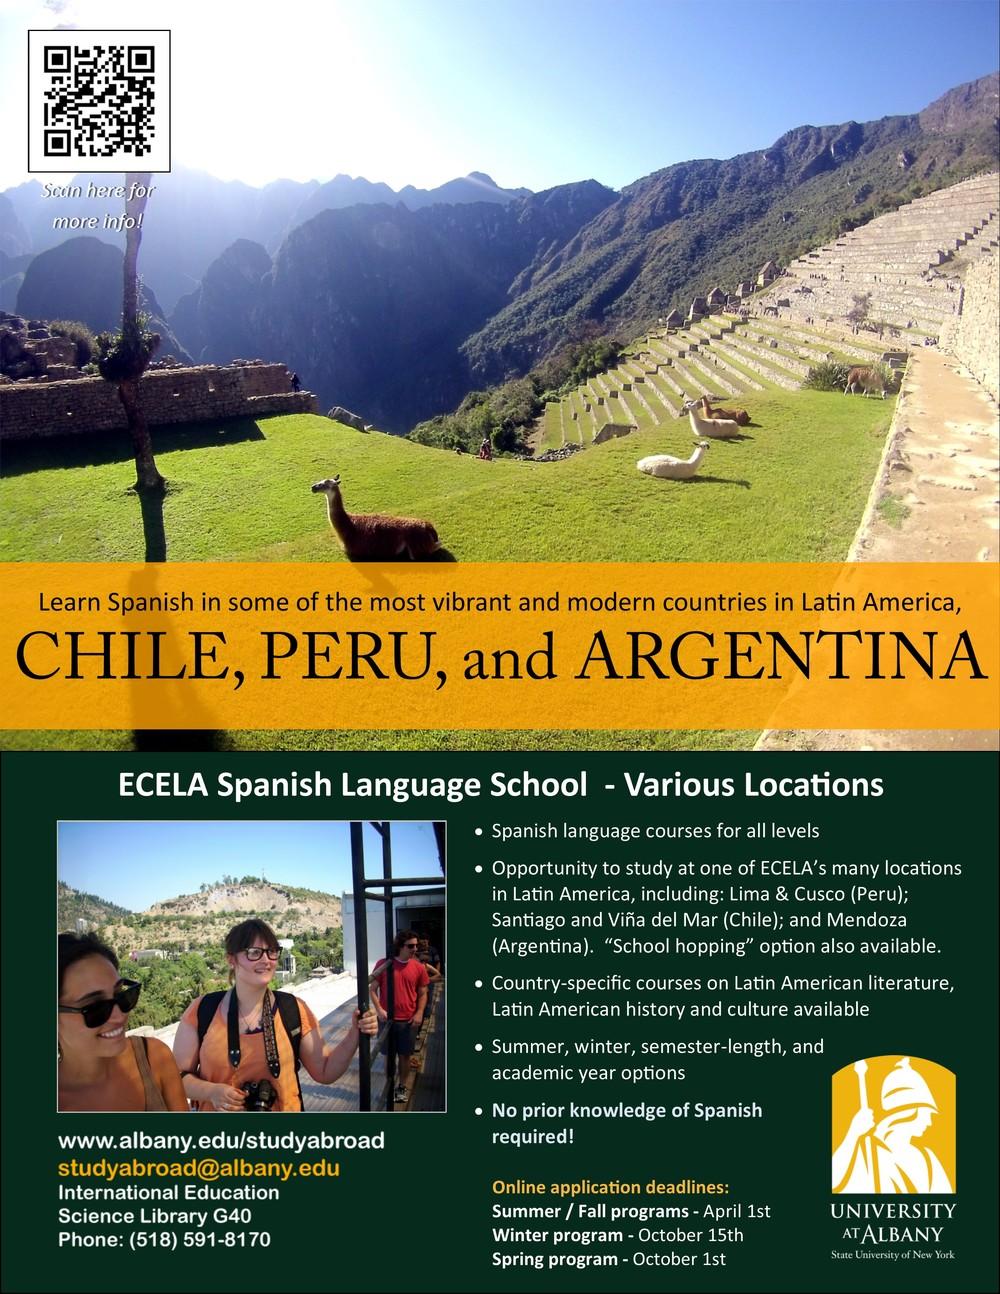 ECELA (Chile, Peru, and Argentina).jpg